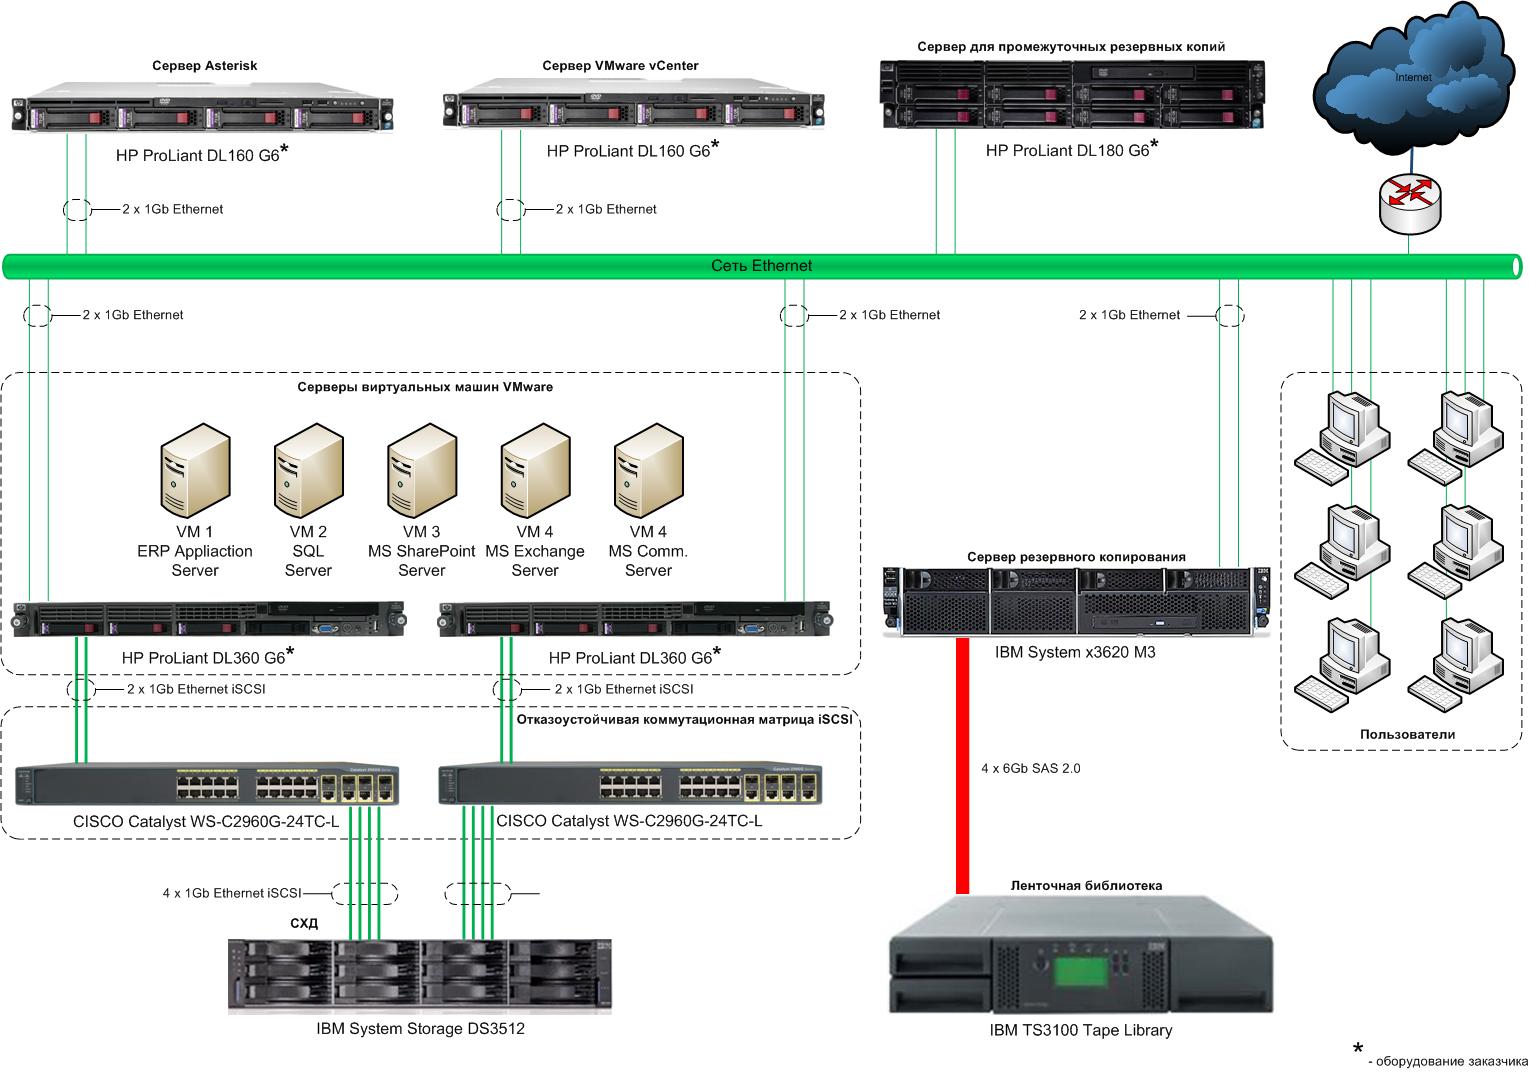 Young & Rubicam - отказоустойчивая серверная инфраструктура